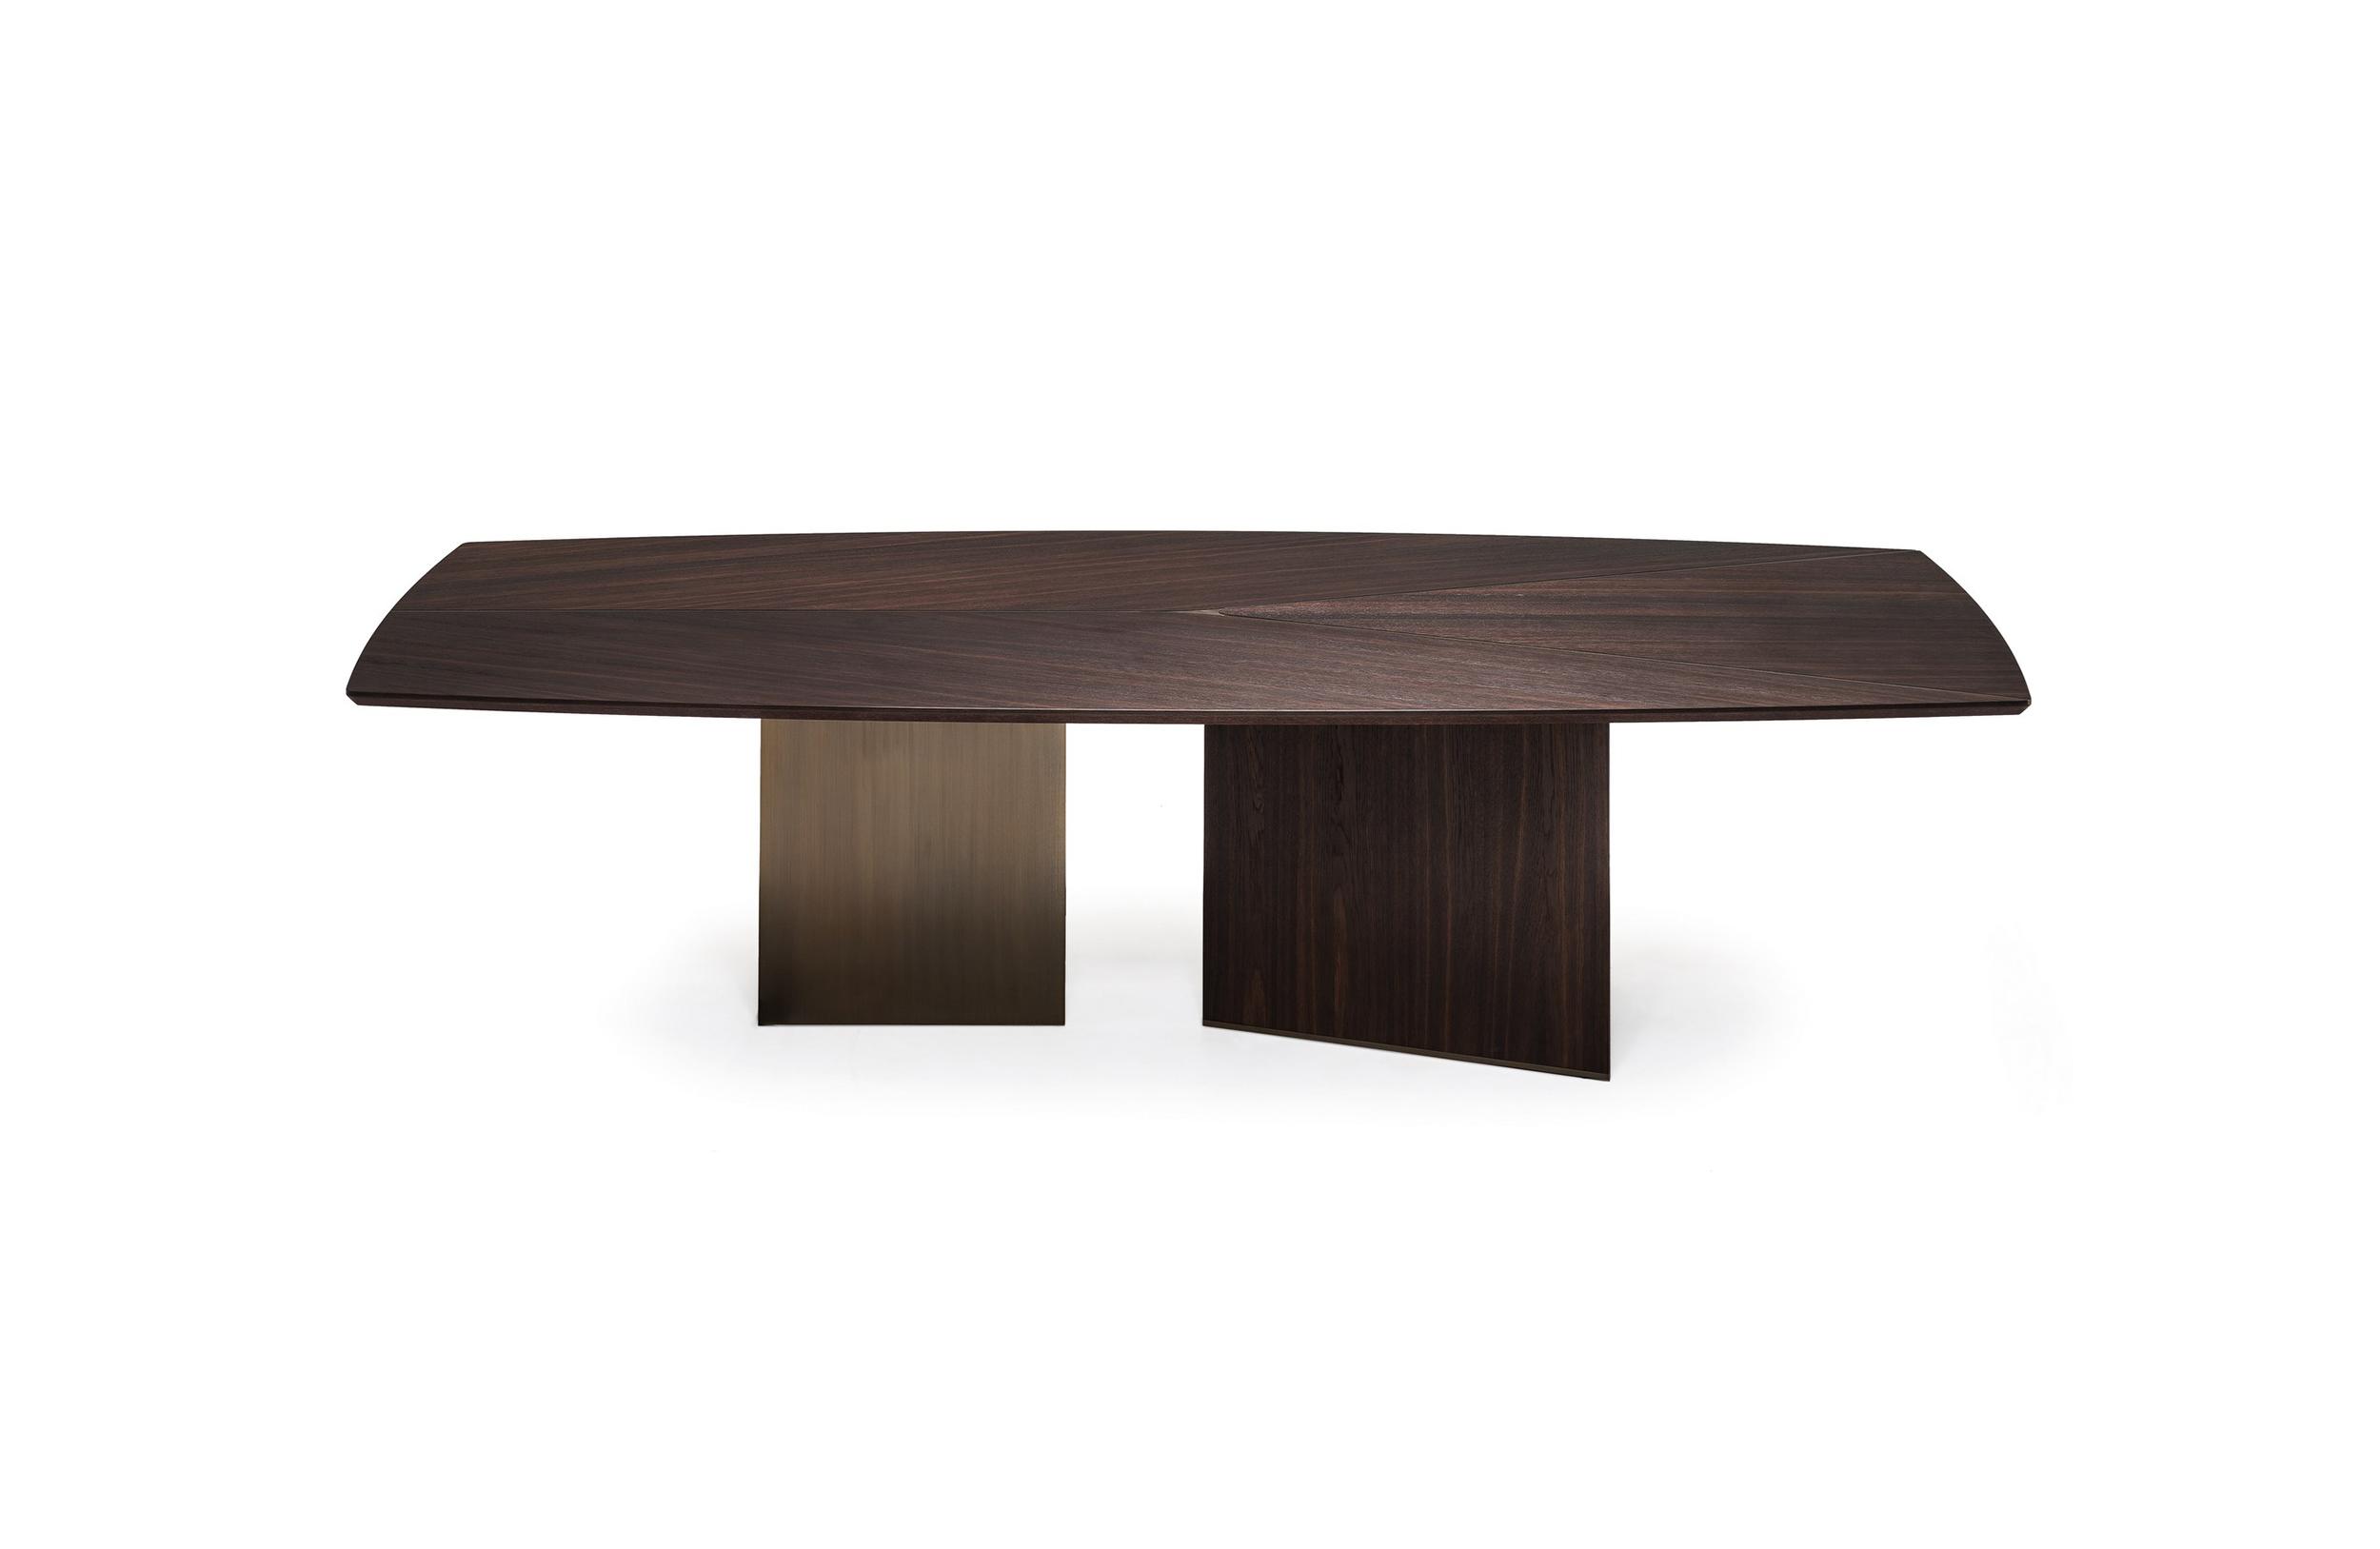 桌几 餐桌 创意家具 现代家居 时尚家具 设计师家具 定制家具 实木家具 ε餐桌